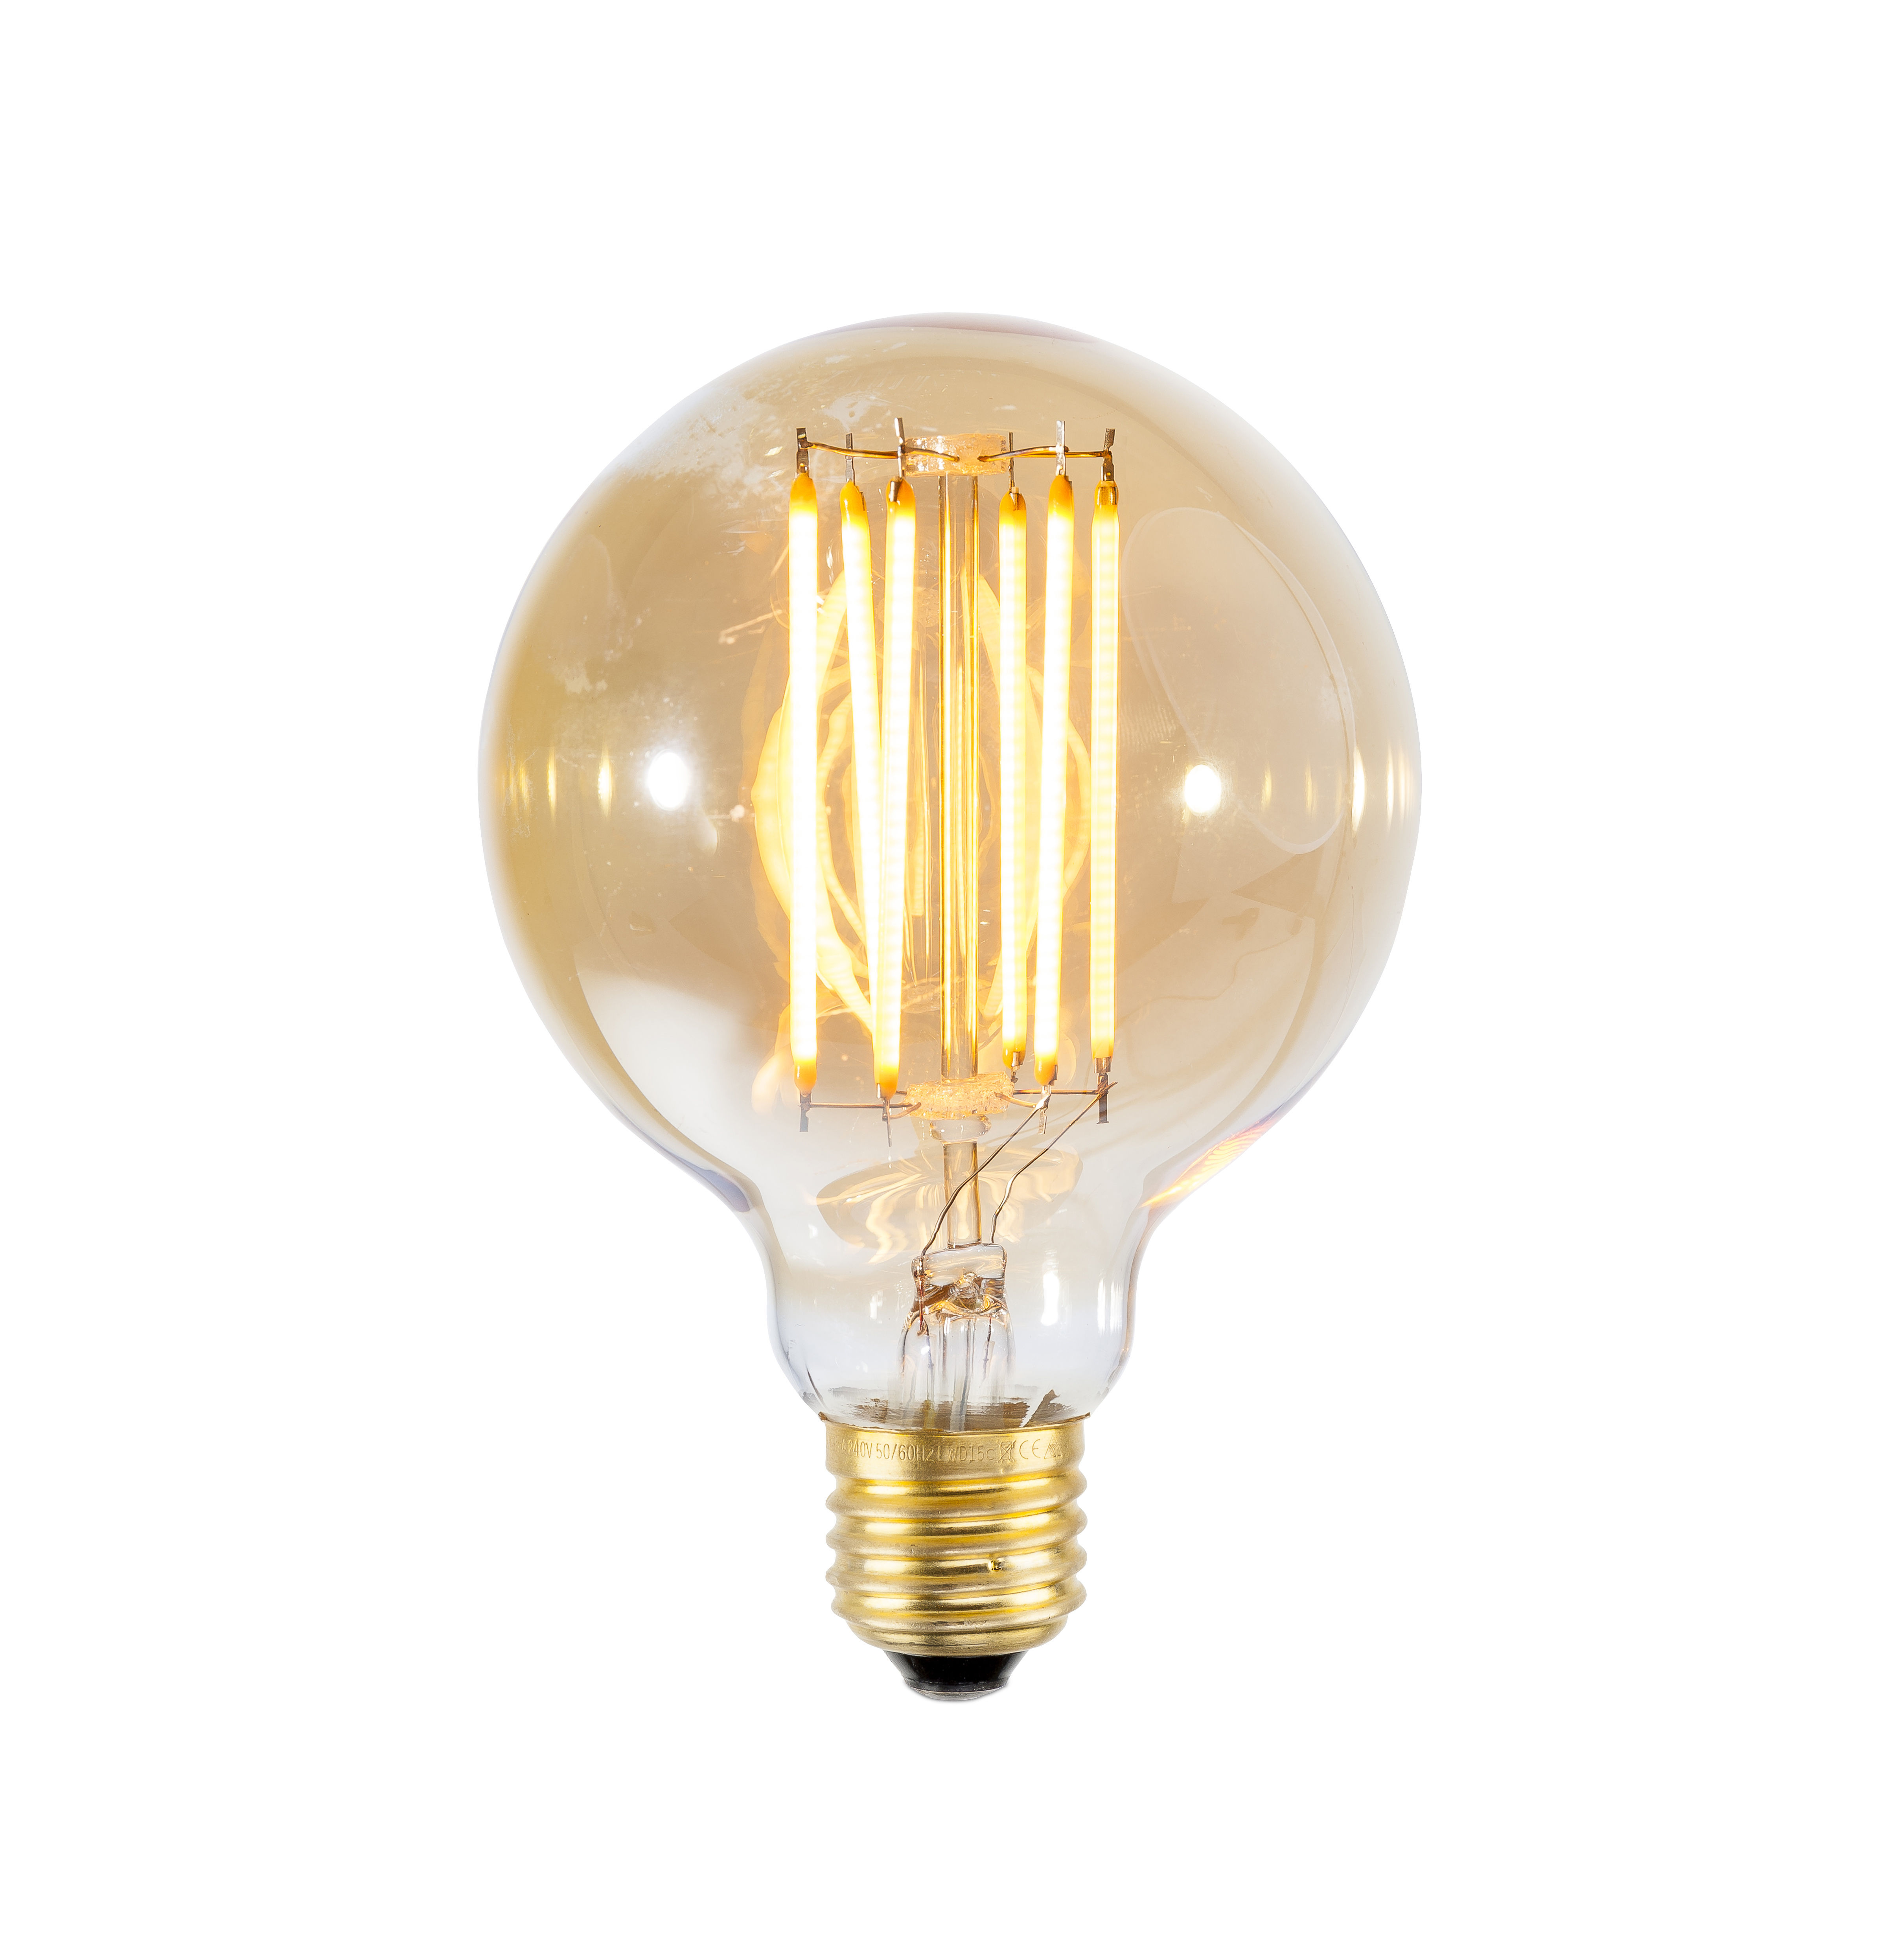 Leuchten - Glühbirnen - Globe Large LED-Leuchtmittel mit Glühfäden / E27 4W - It's about Romi - Transparent / Glühfäden goldfarben - Glas